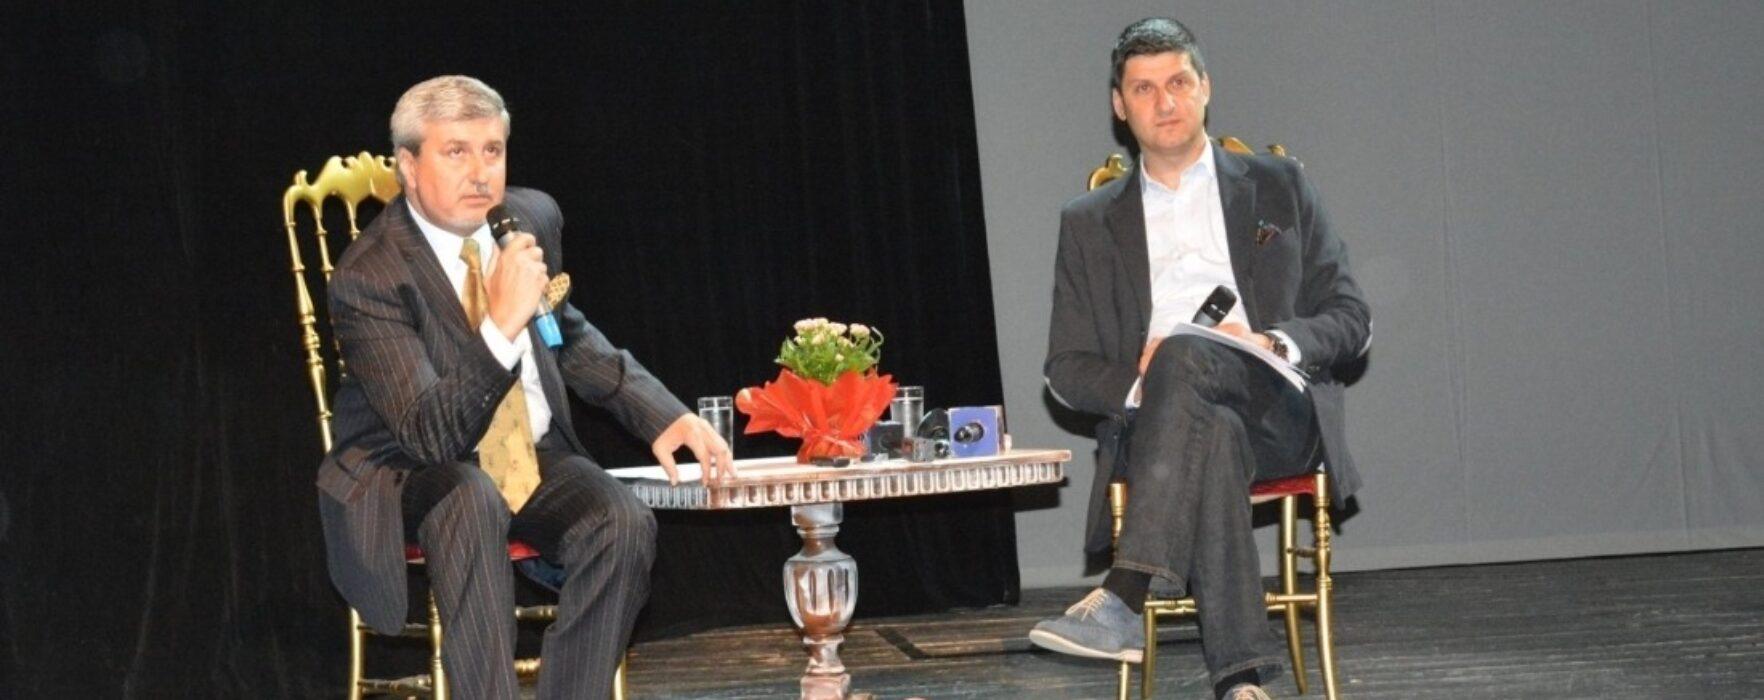 Zeci de spectacole la Festivalul Babel, în perioada 16-21 iunie